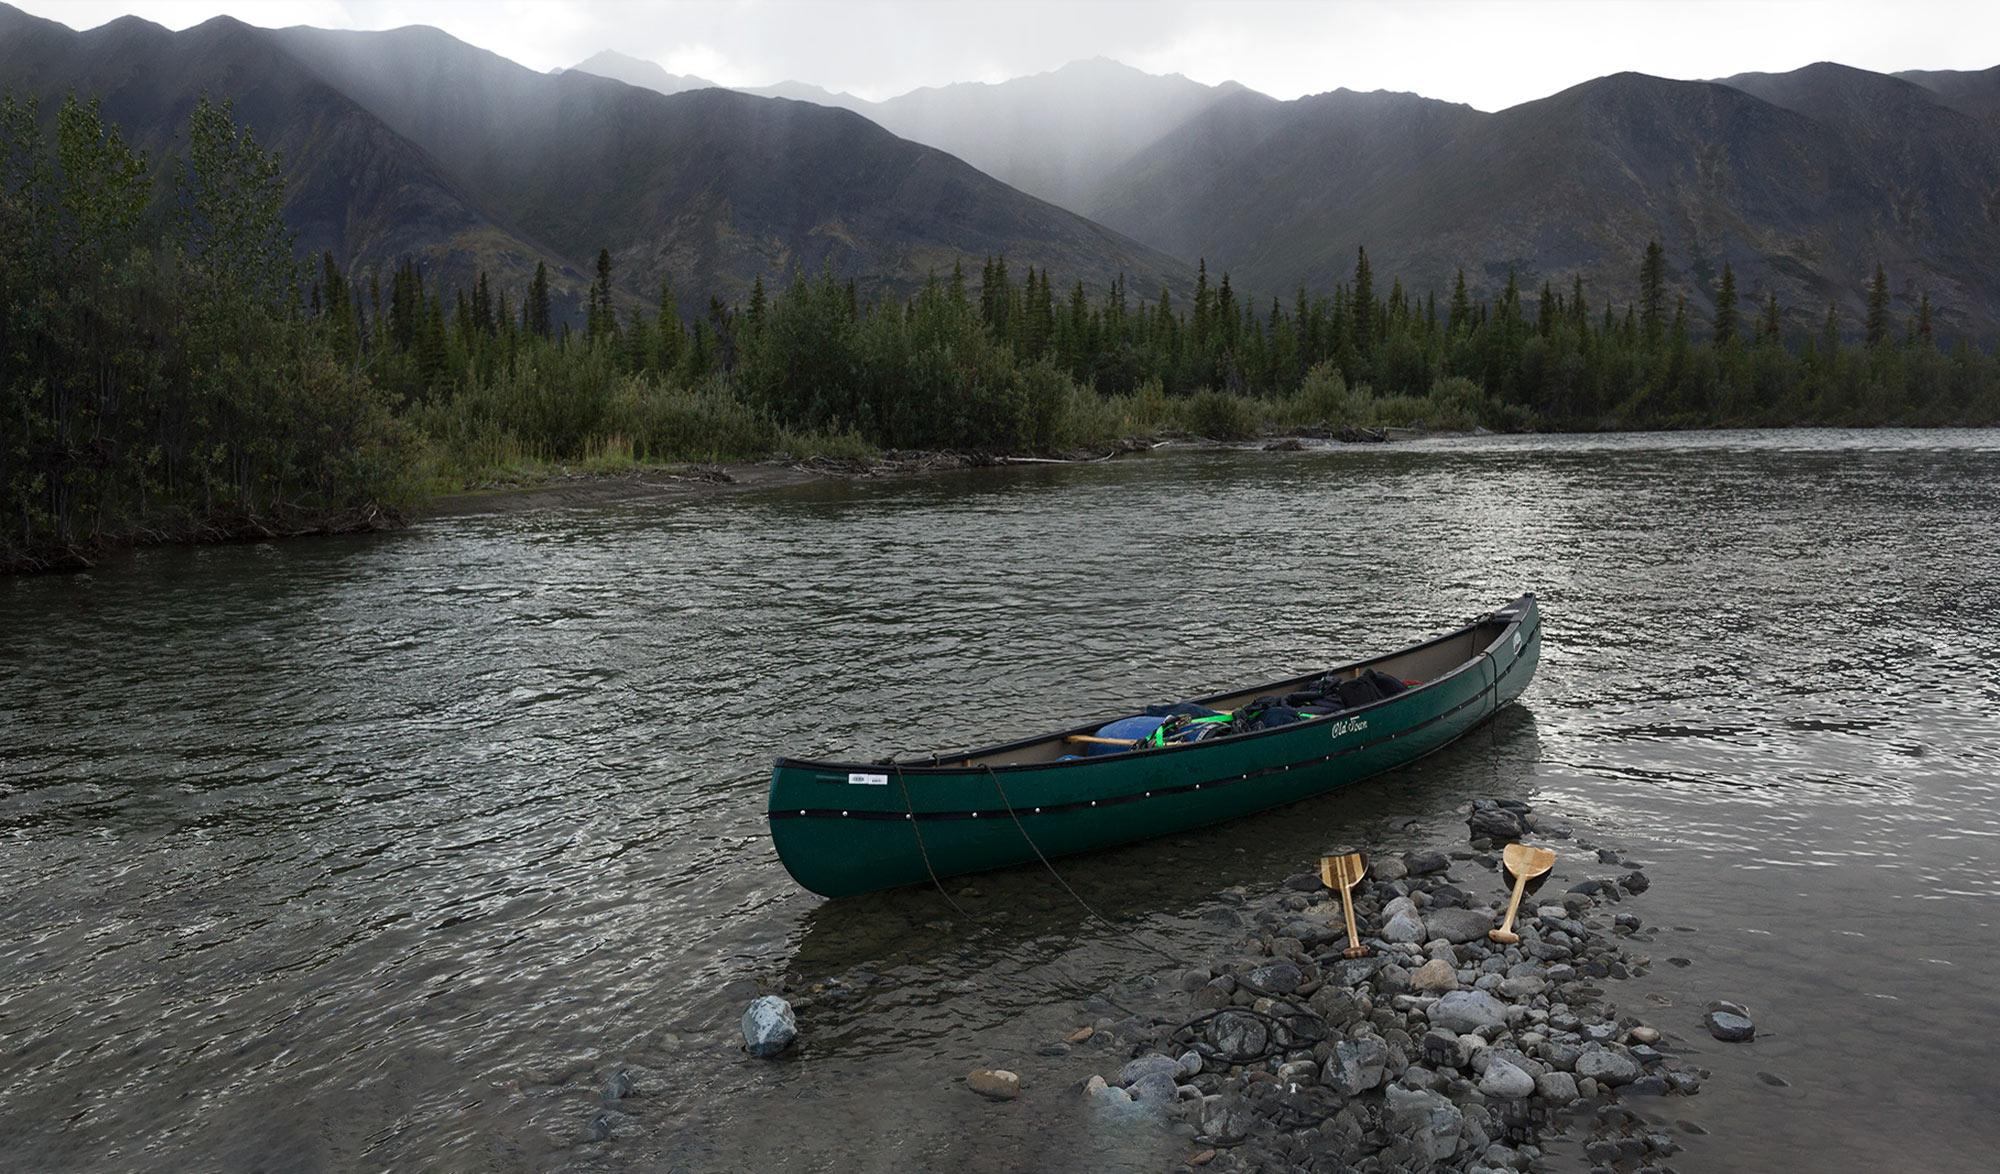 « S'abandonner au sauvage » : 500 km en canoë en autonomie dans le Grand Nord canadien